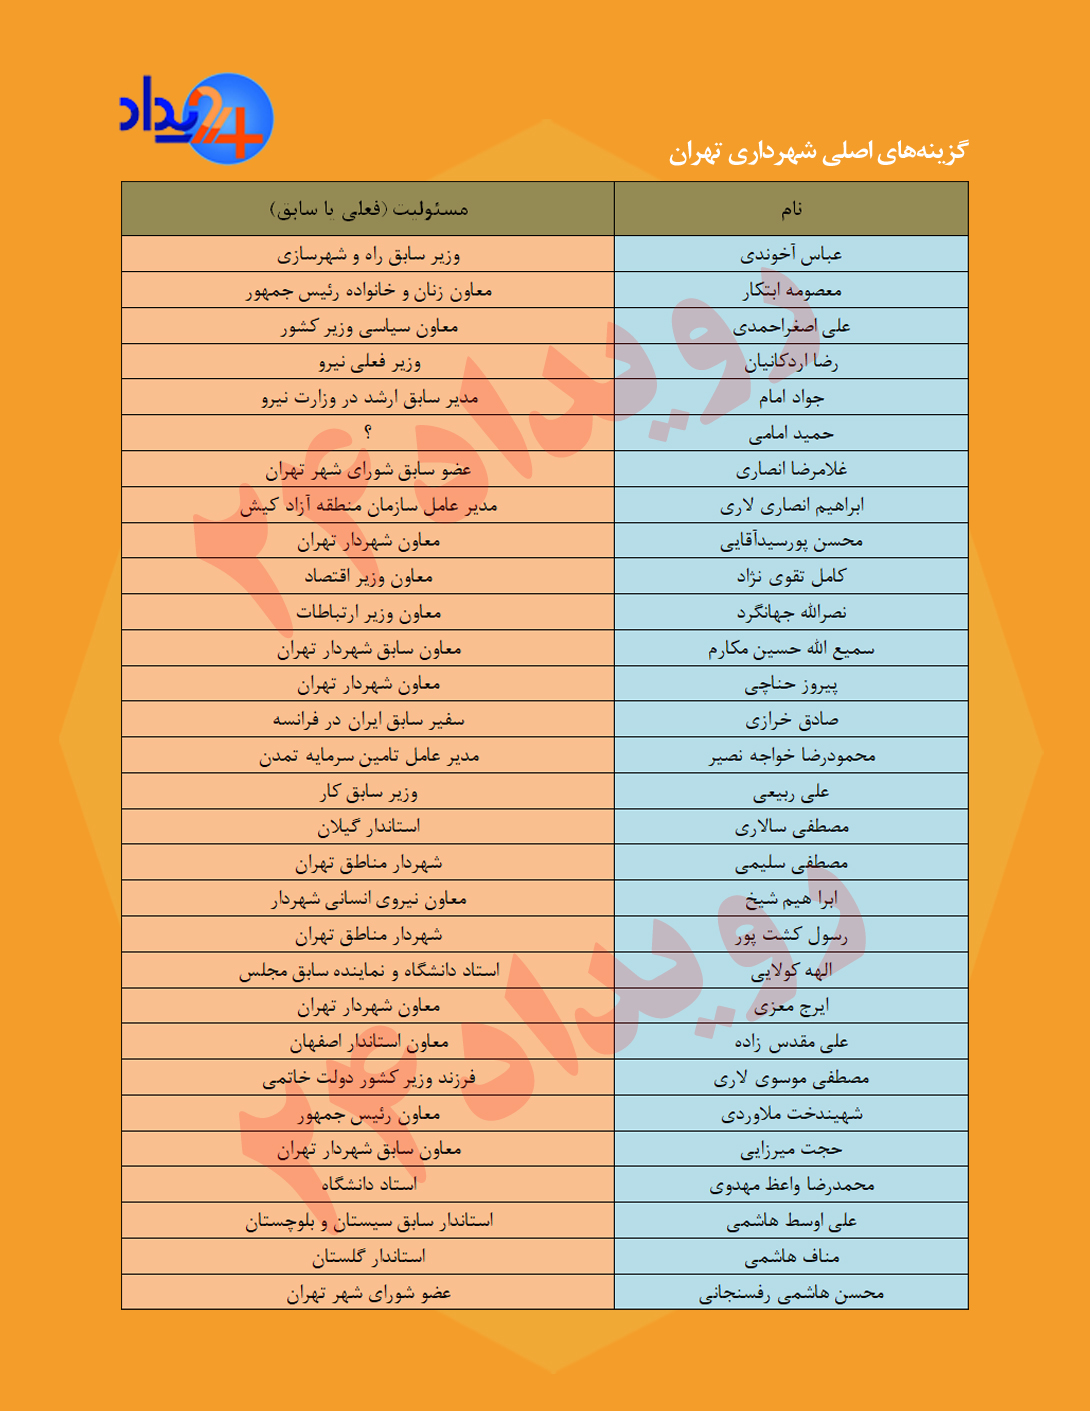 گزینه های اصلی شهرداری تهران چه افرادی هستند؟ شانس کدام گروه بیشتر است؟